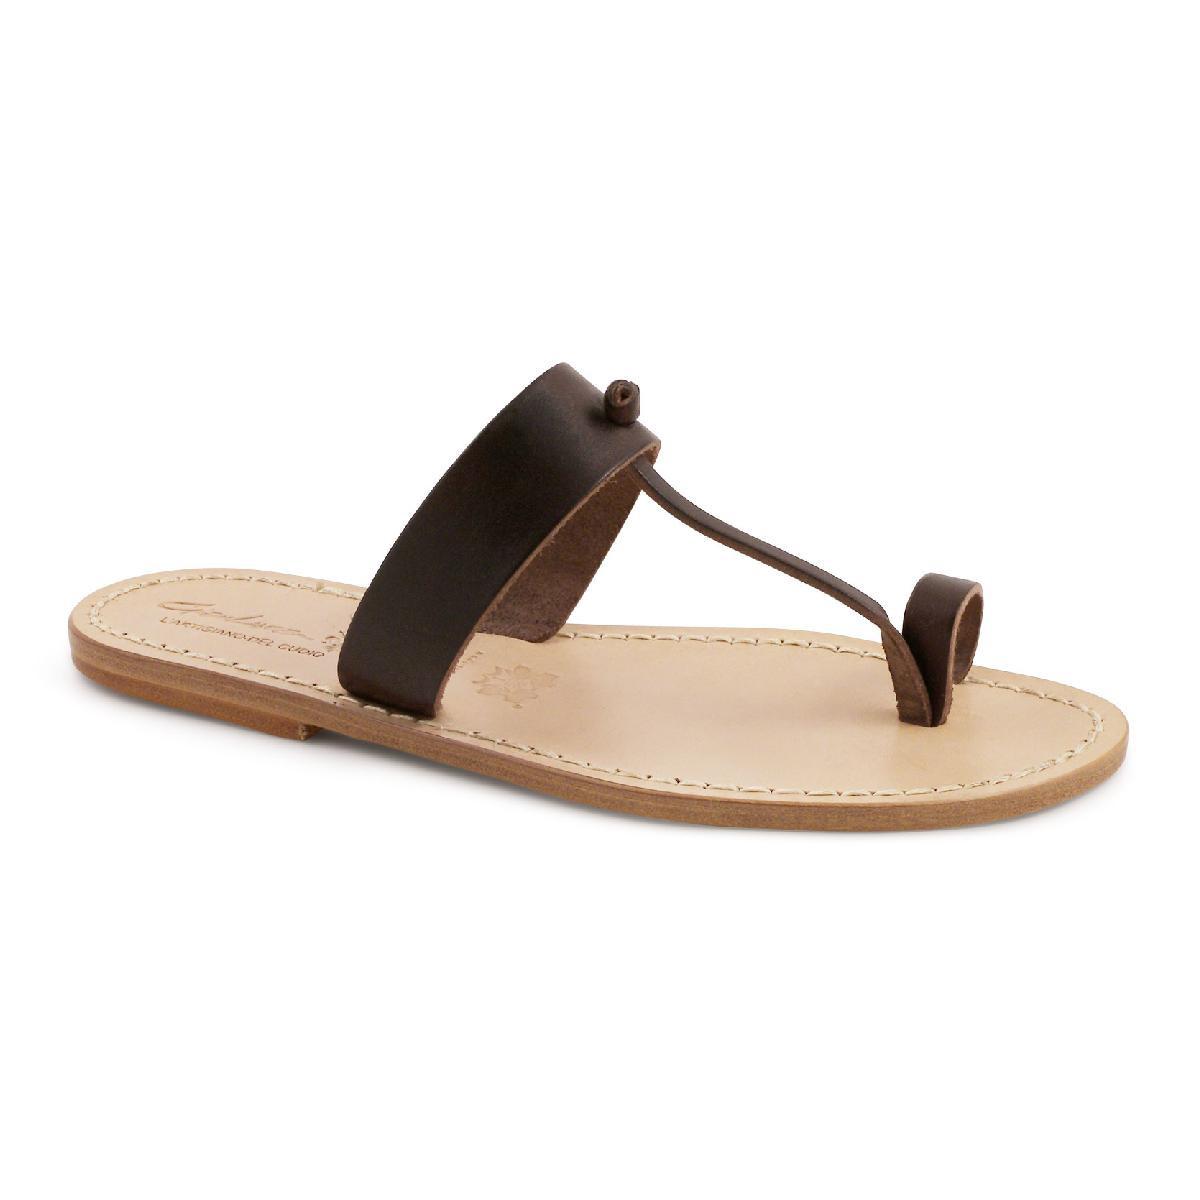 7719048ad626 Braune Flip-Flop-Sandalen aus Leder in Italien von Hand gefertigt ...